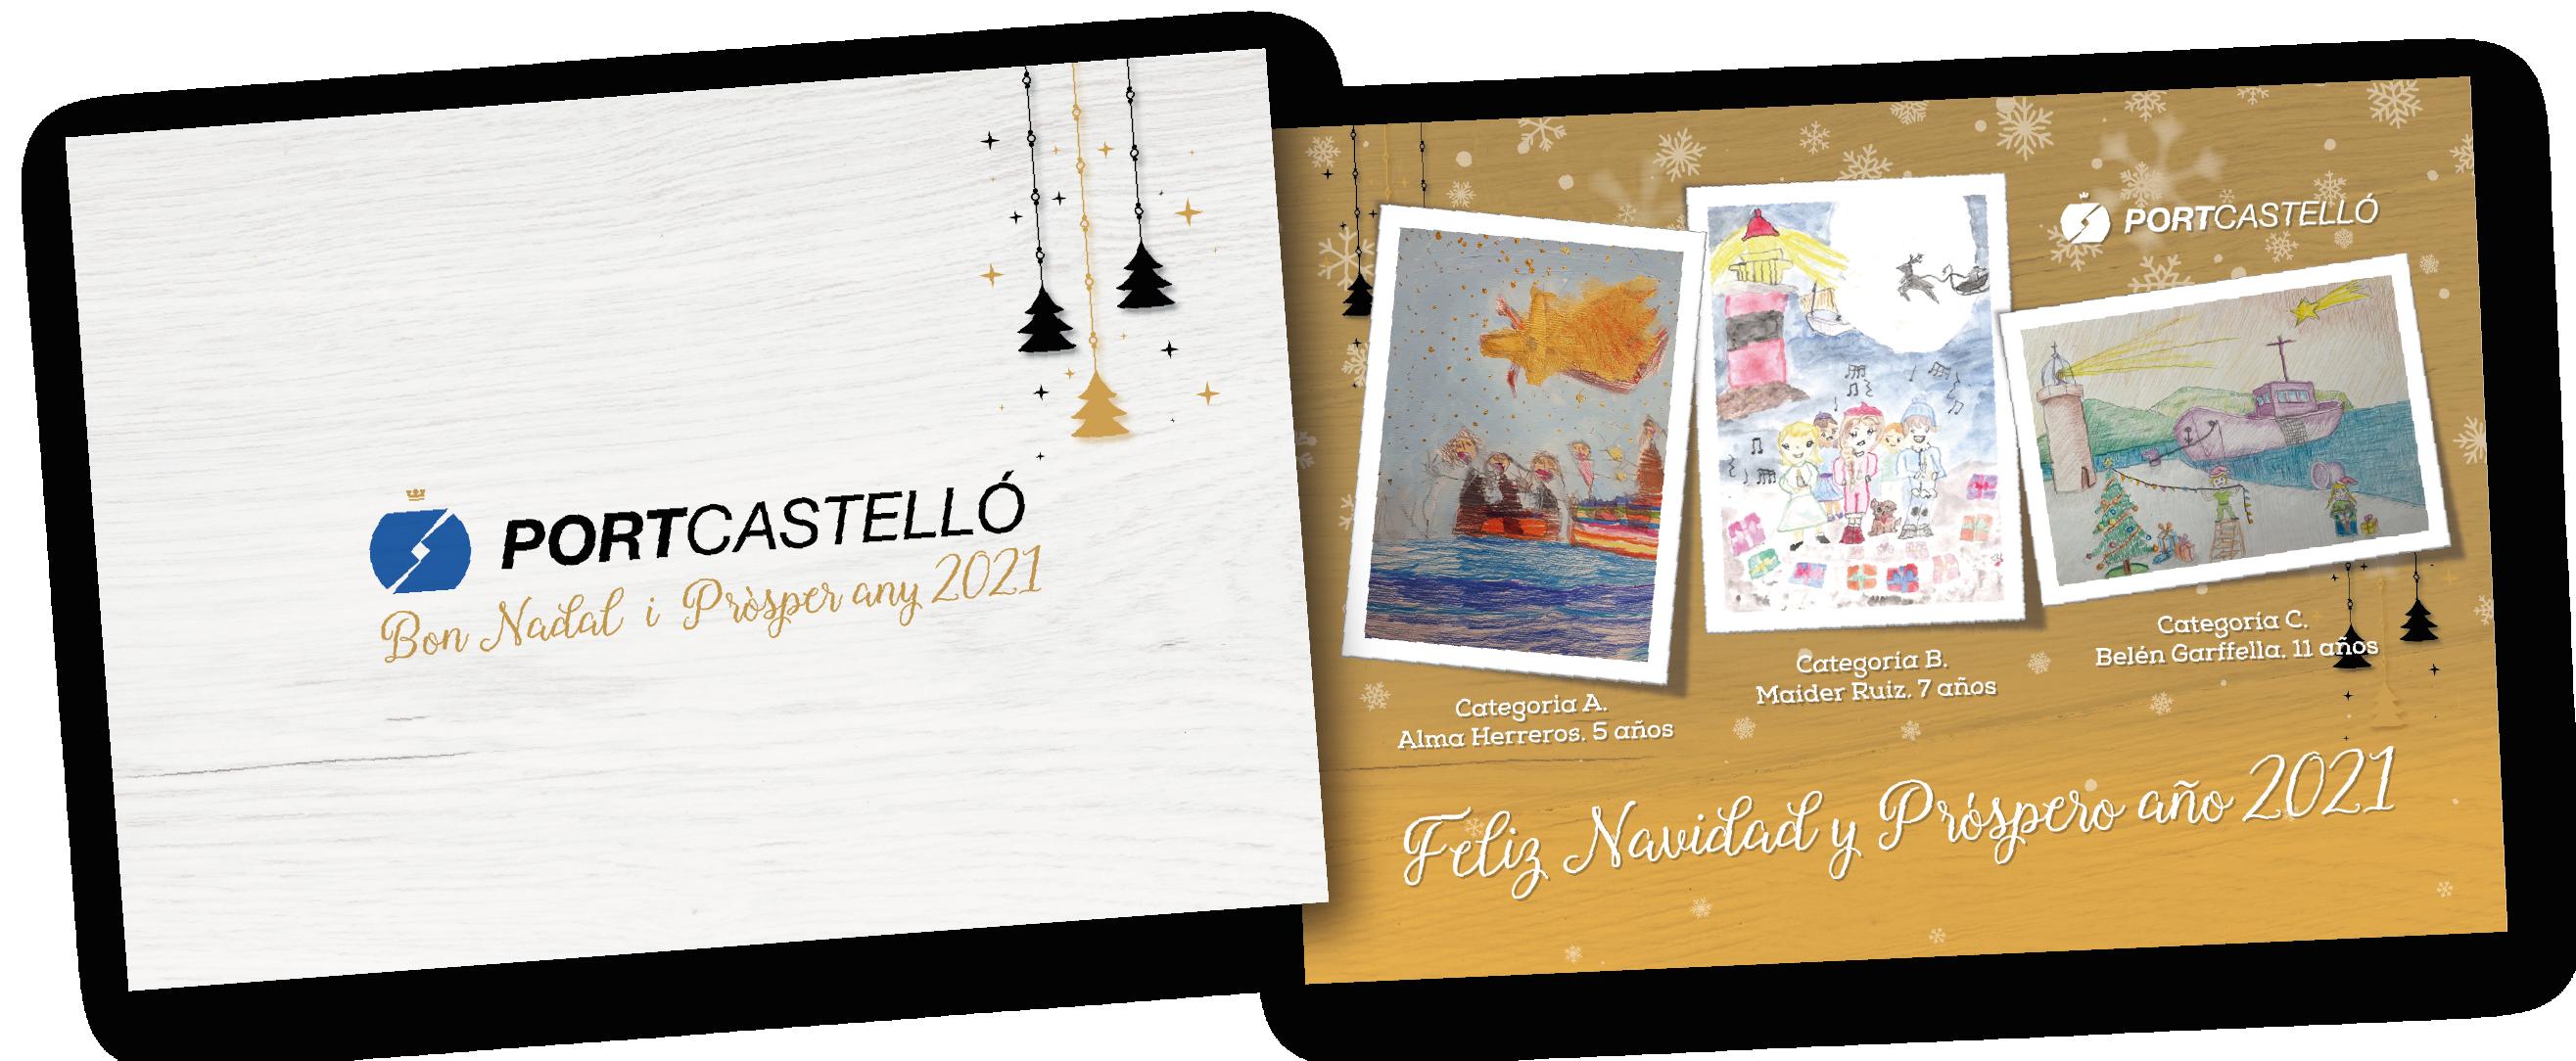 Un centenar de escolares participan en el concurso de postales navideñas de PortCastelló